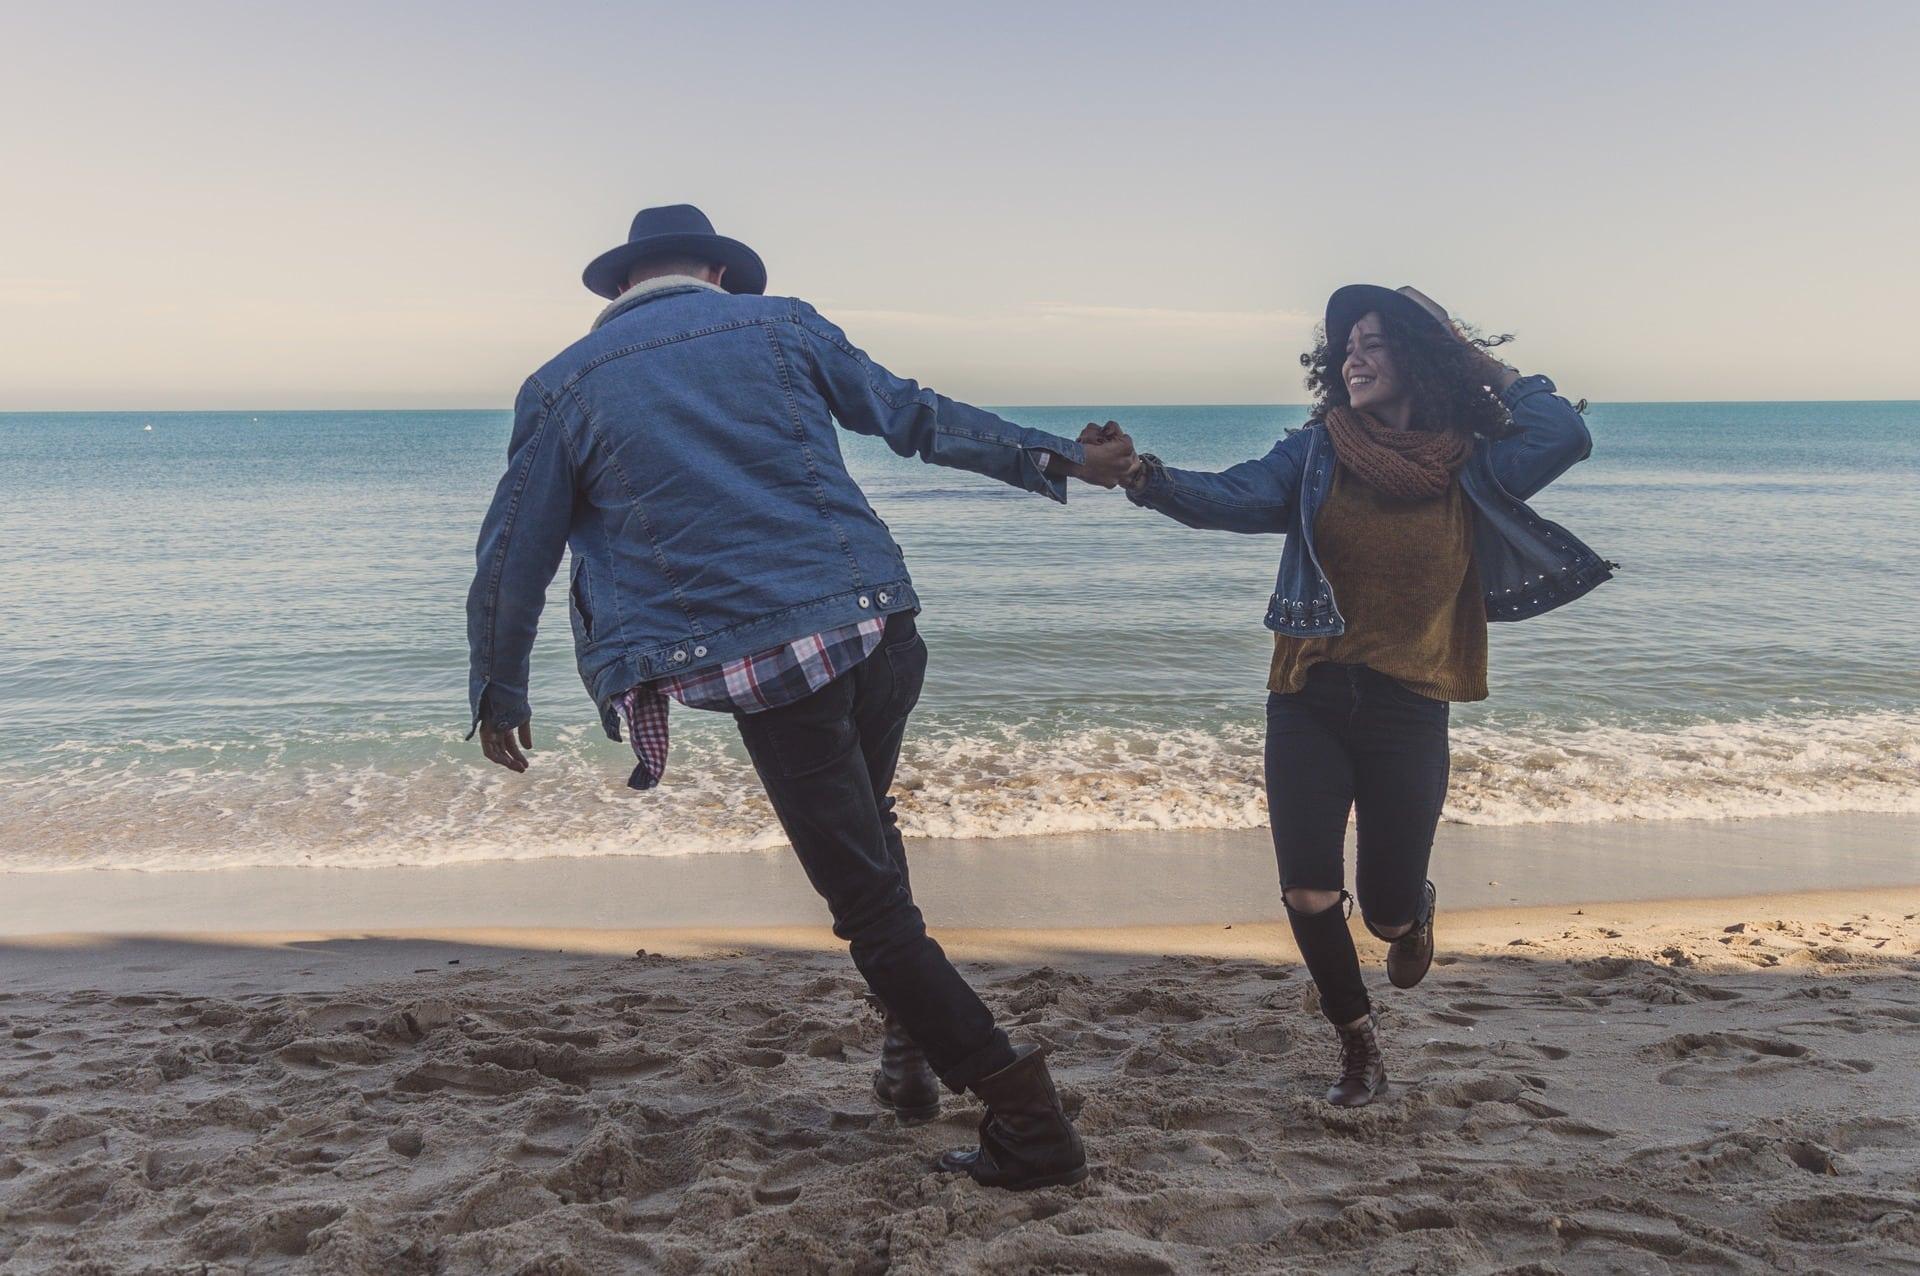 Взаимное уважение, готовность идти на уступки и избавляться от вредных привычек — залог успеха